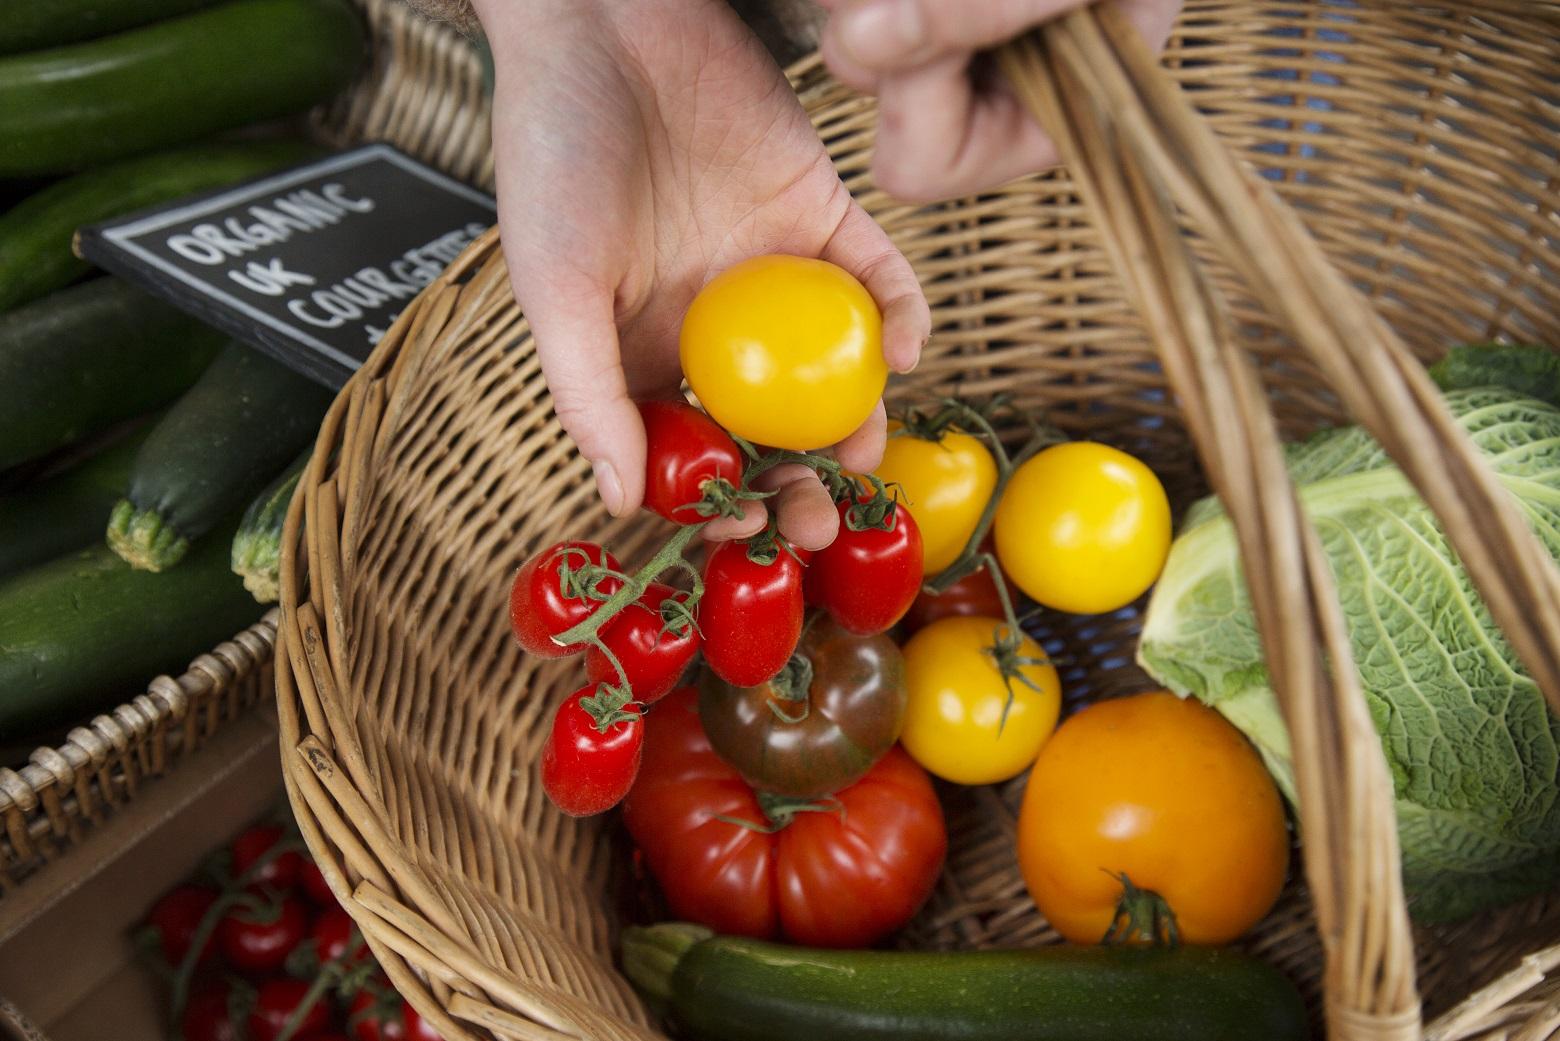 Cuidado com os alimentos que contêm pesticidas ou acrilamida!